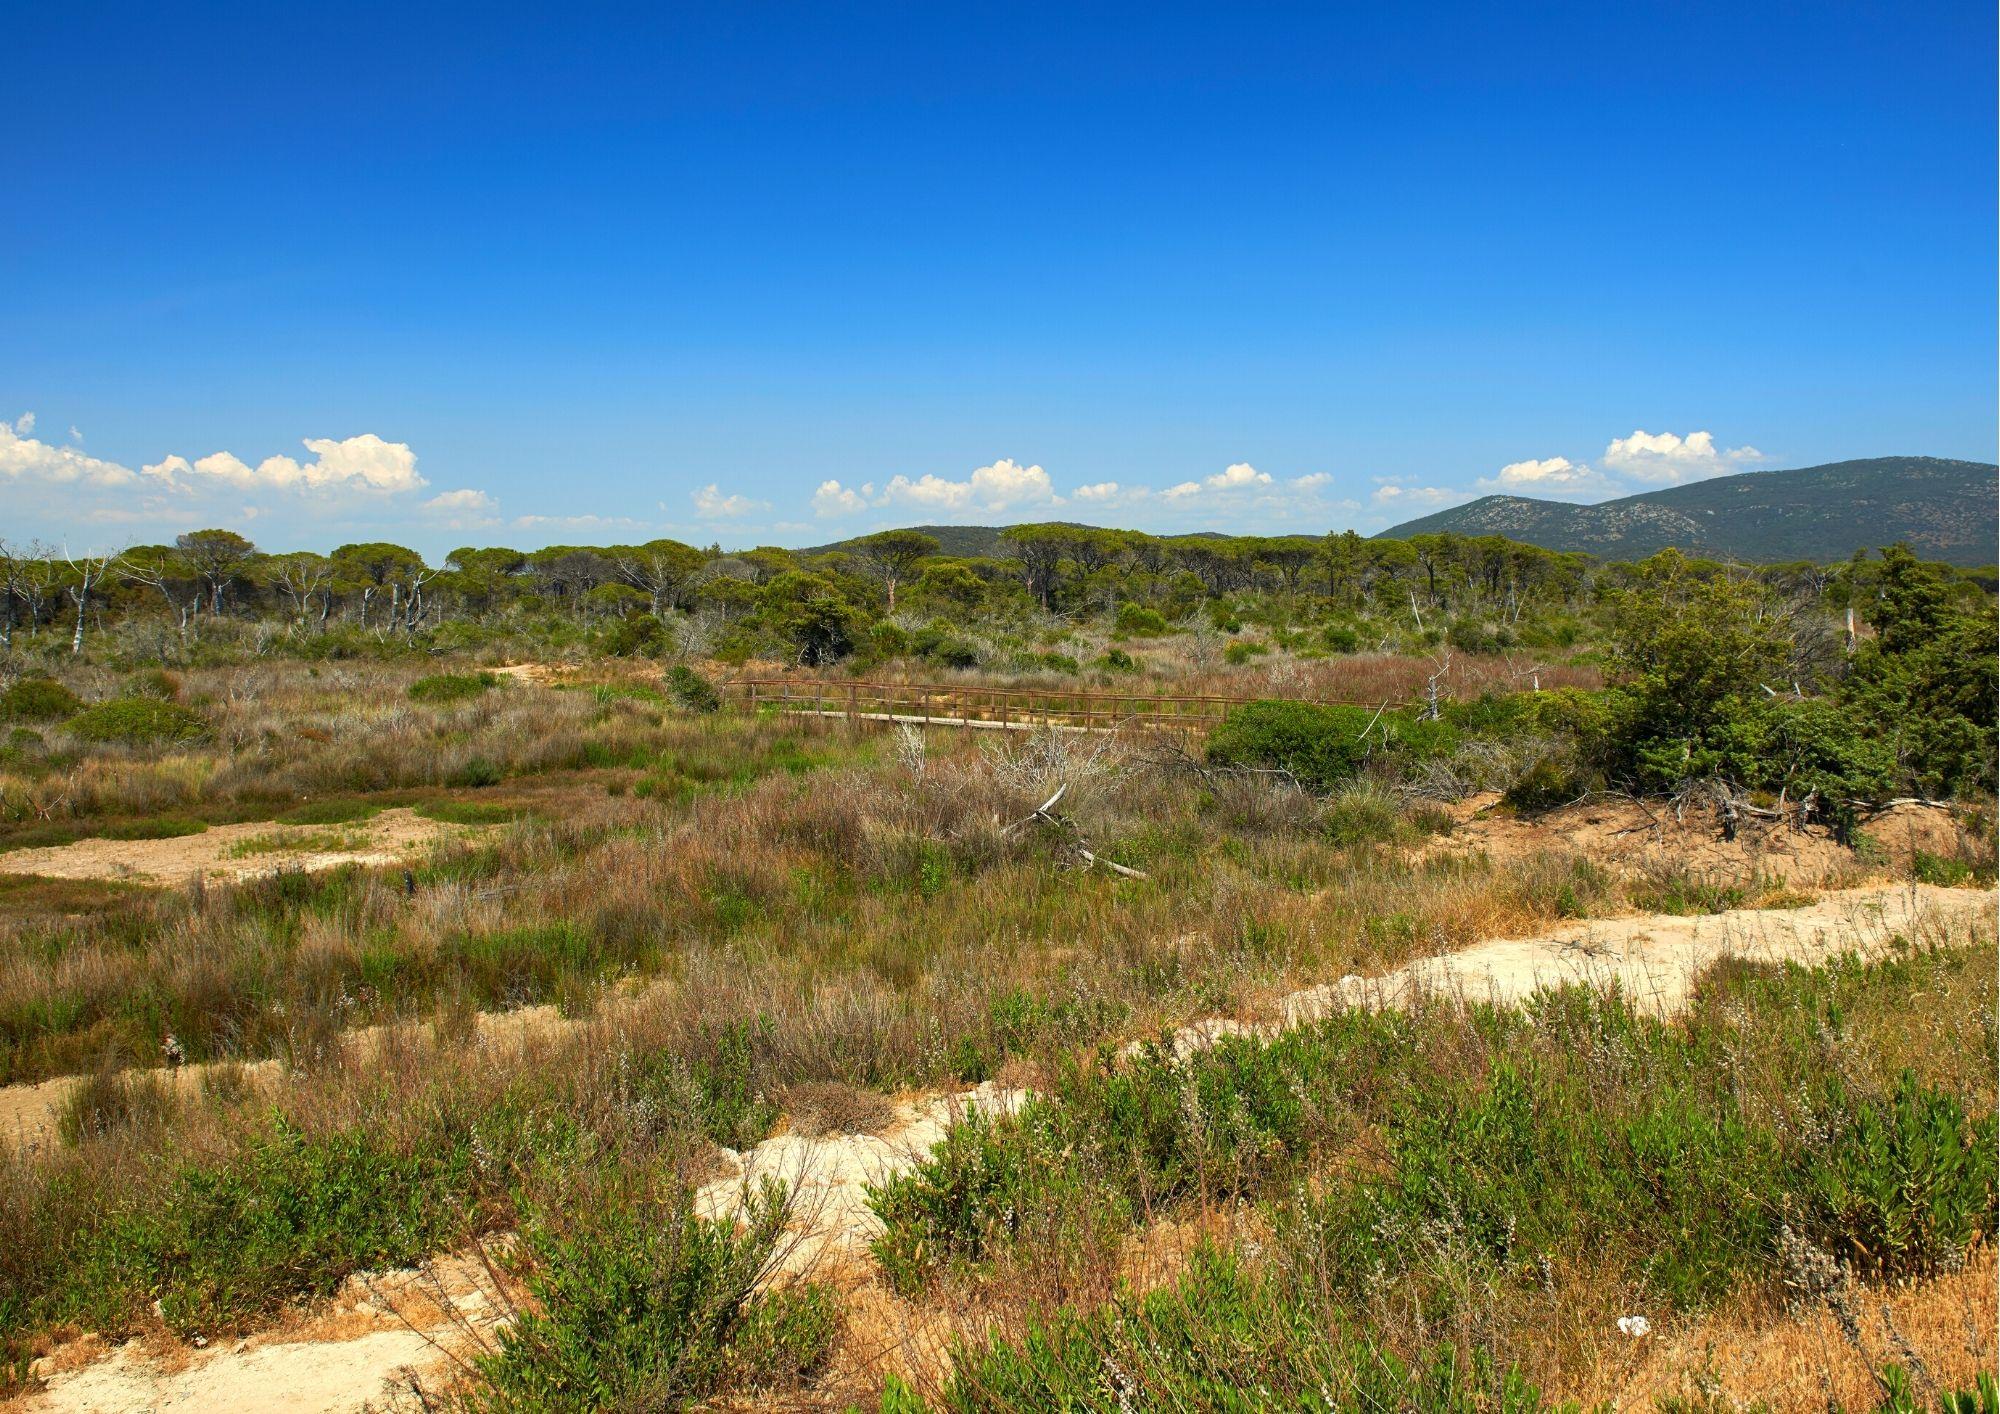 Parco dell'Uccellina Parco Naturale della Maremma